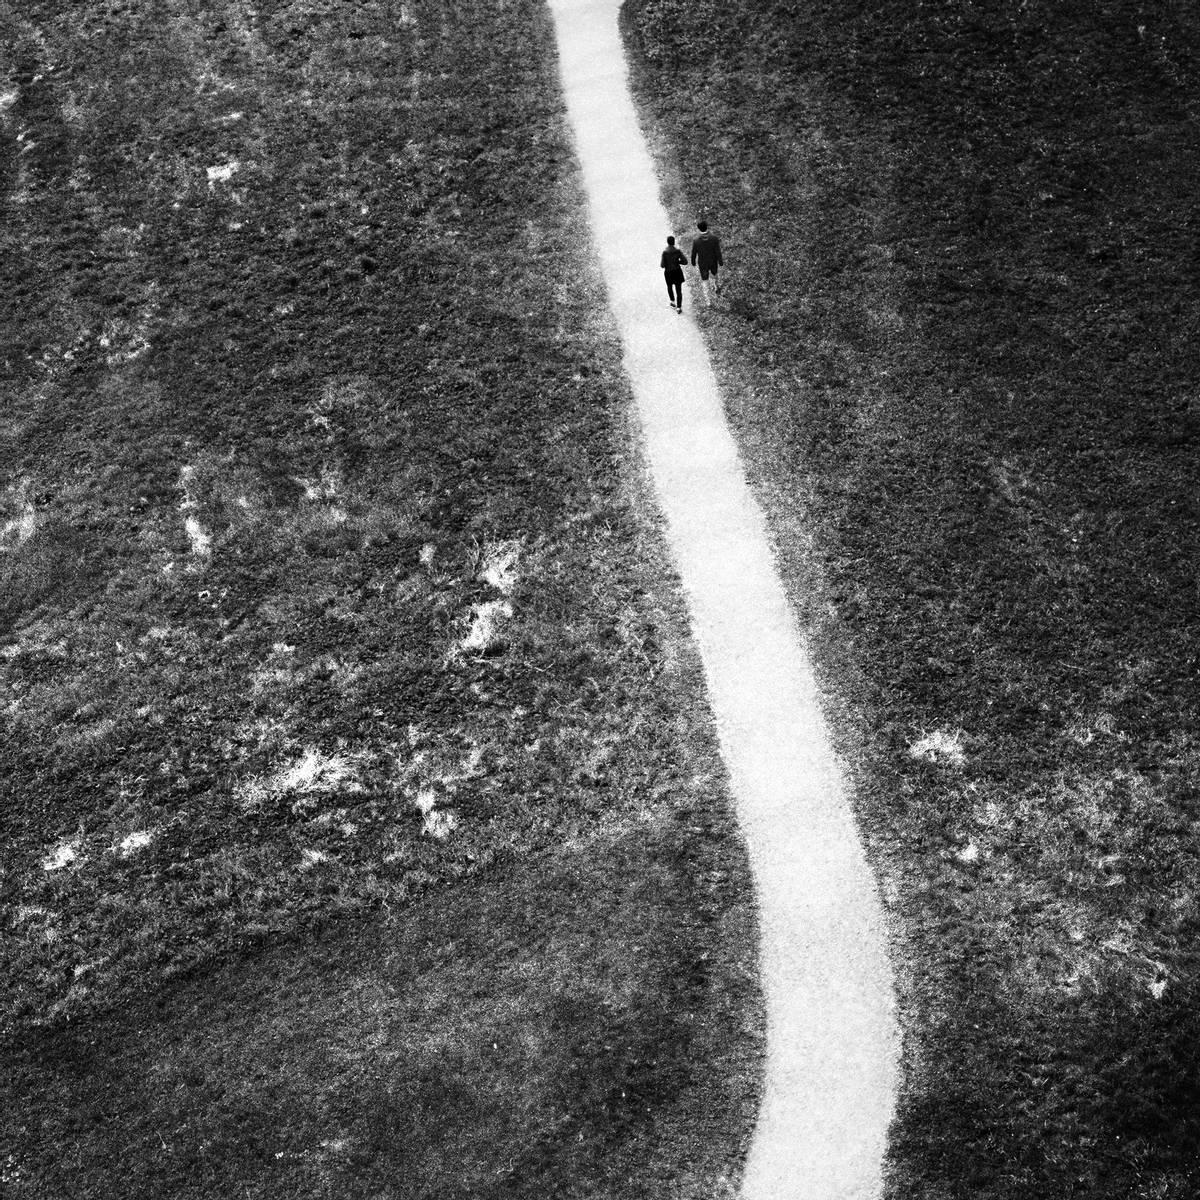 The White Trail